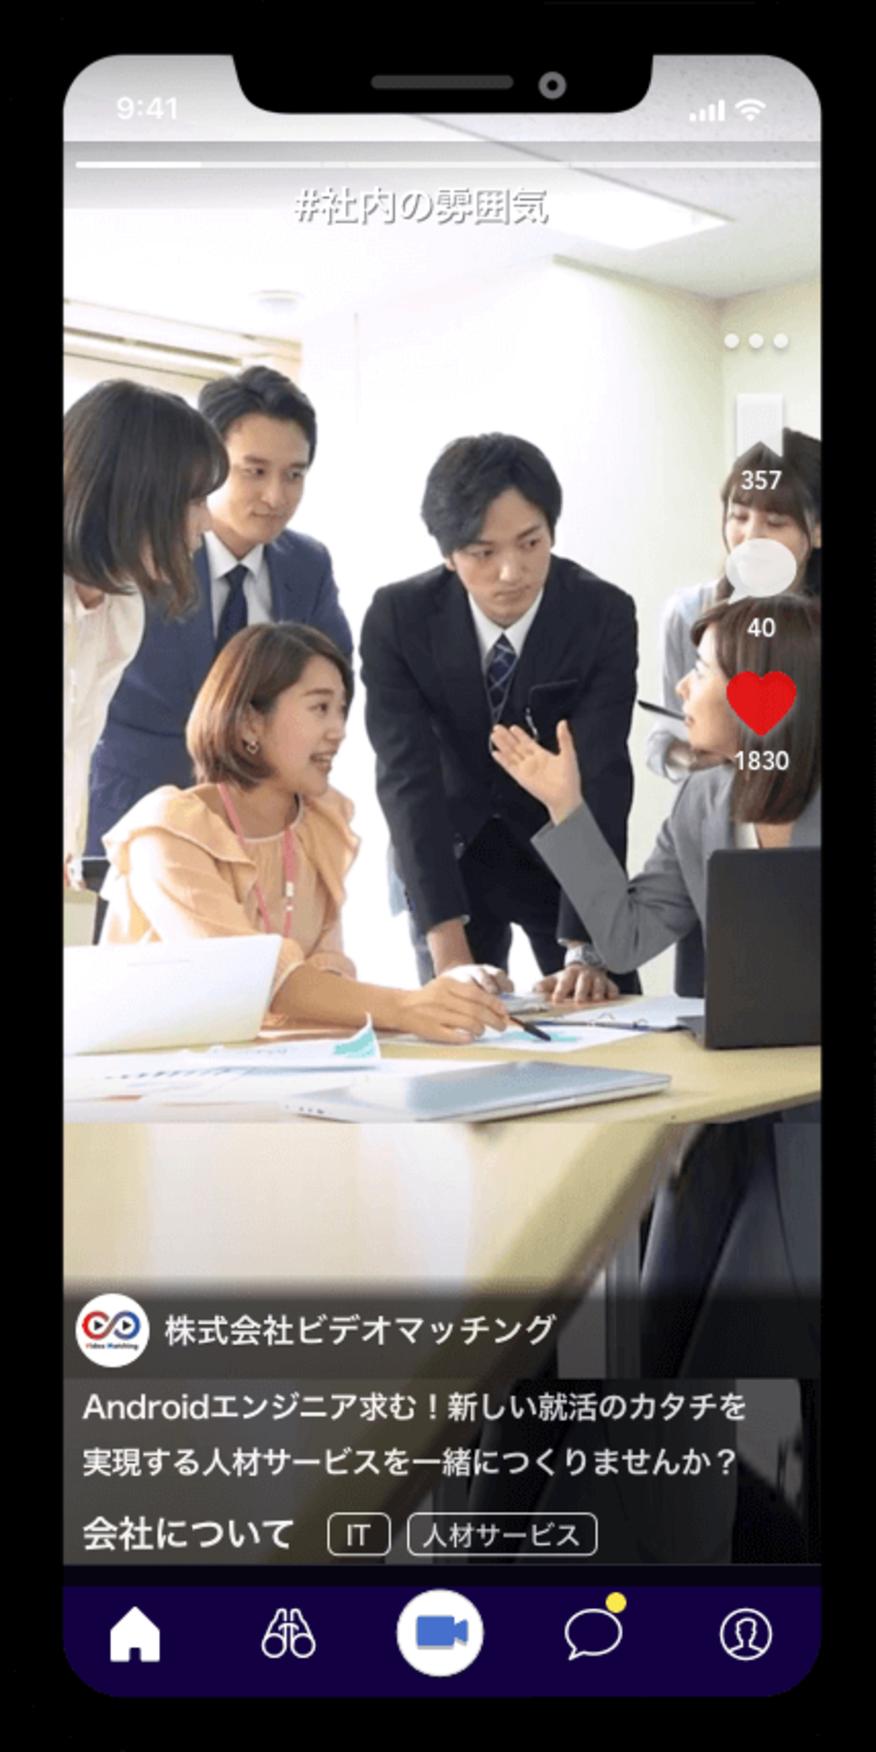 リクエストされた求職者が企業の動画を見て